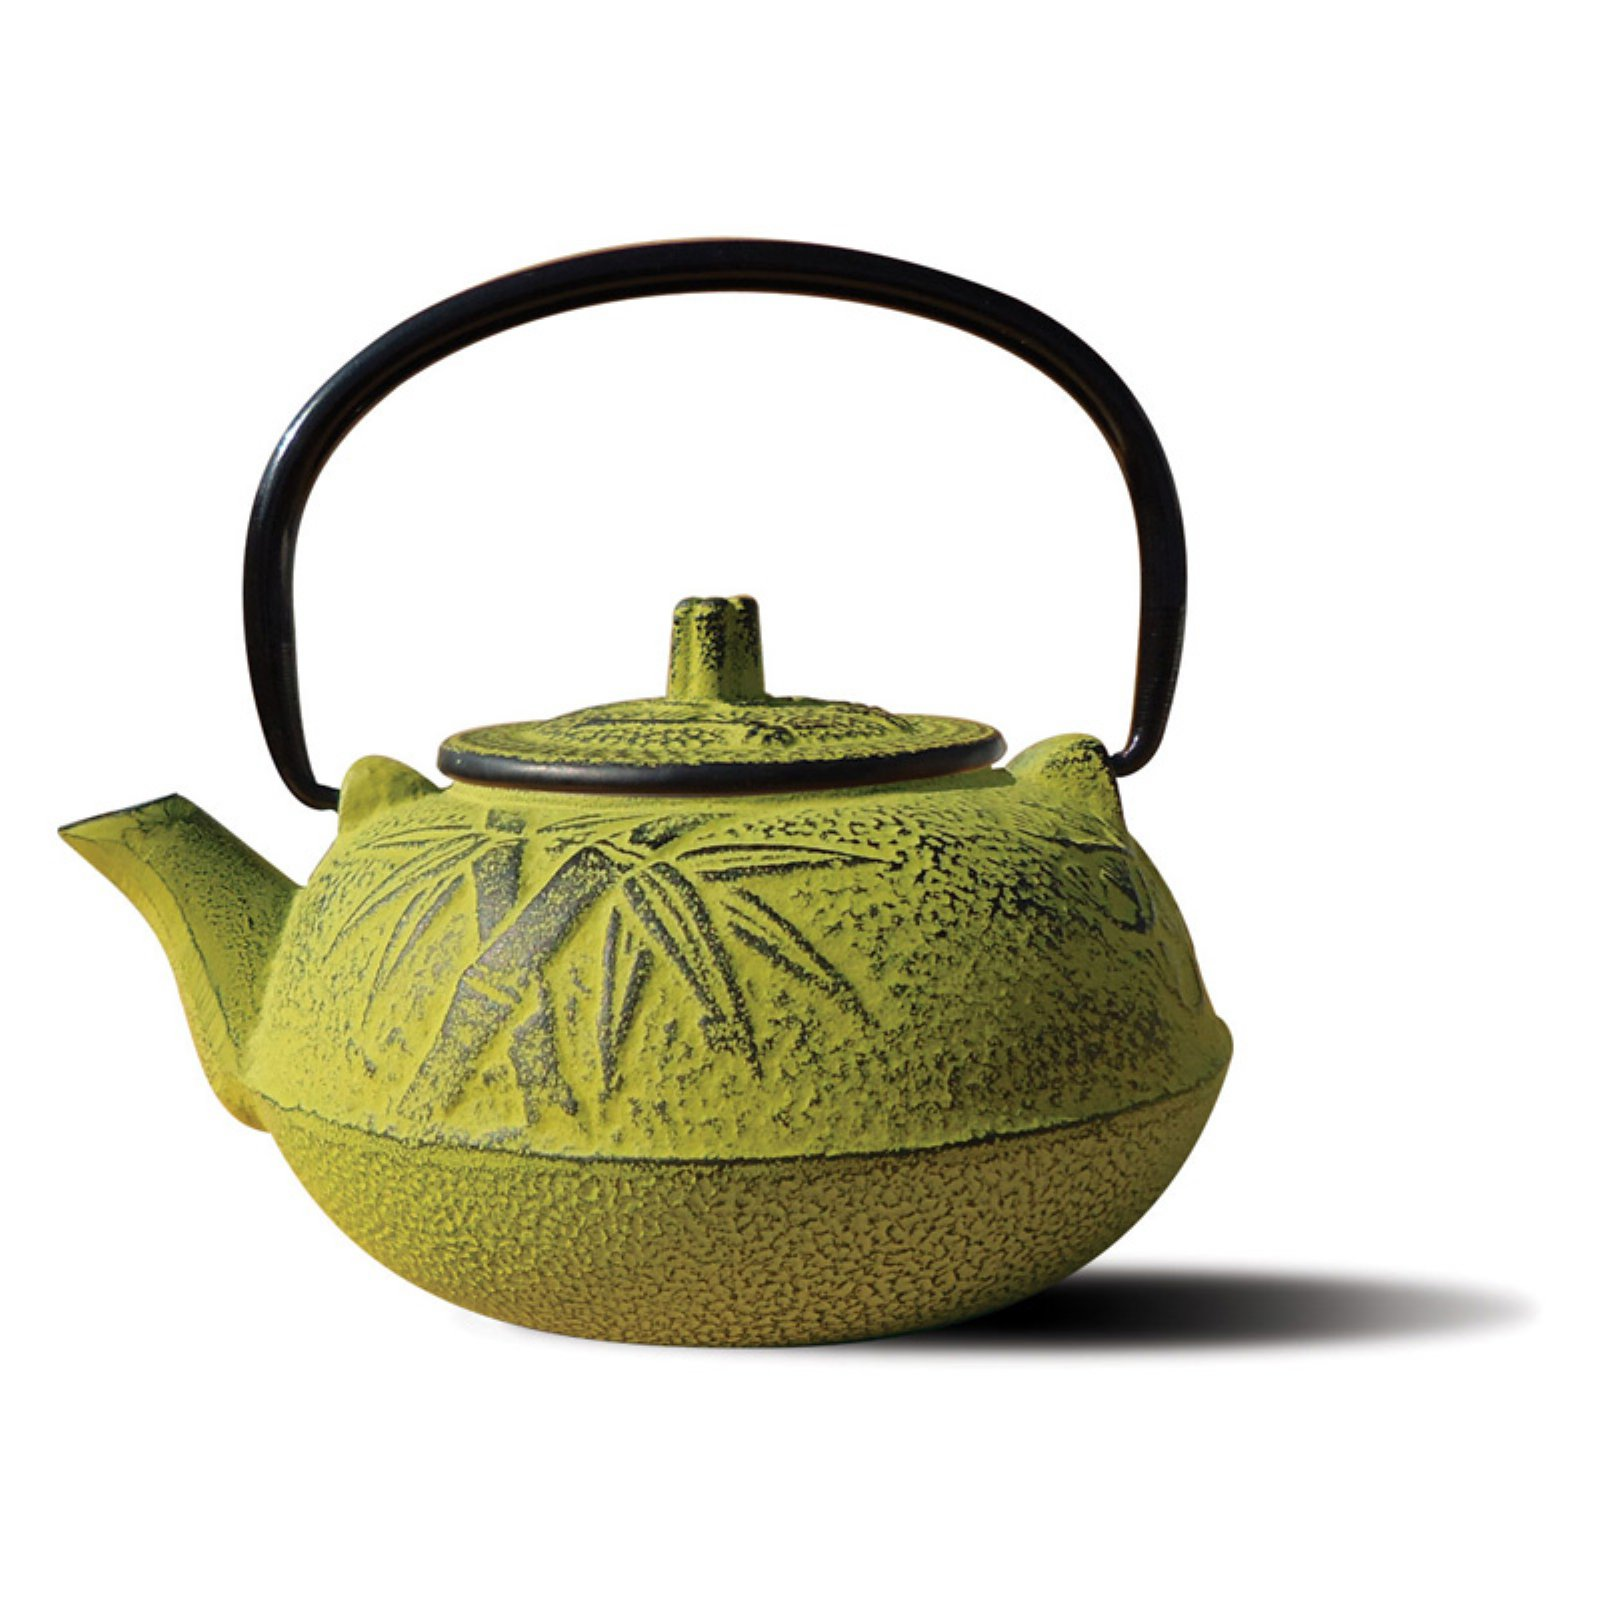 Old Dutch Moss Green Cast Iron Osaka Teapot - 20 oz.